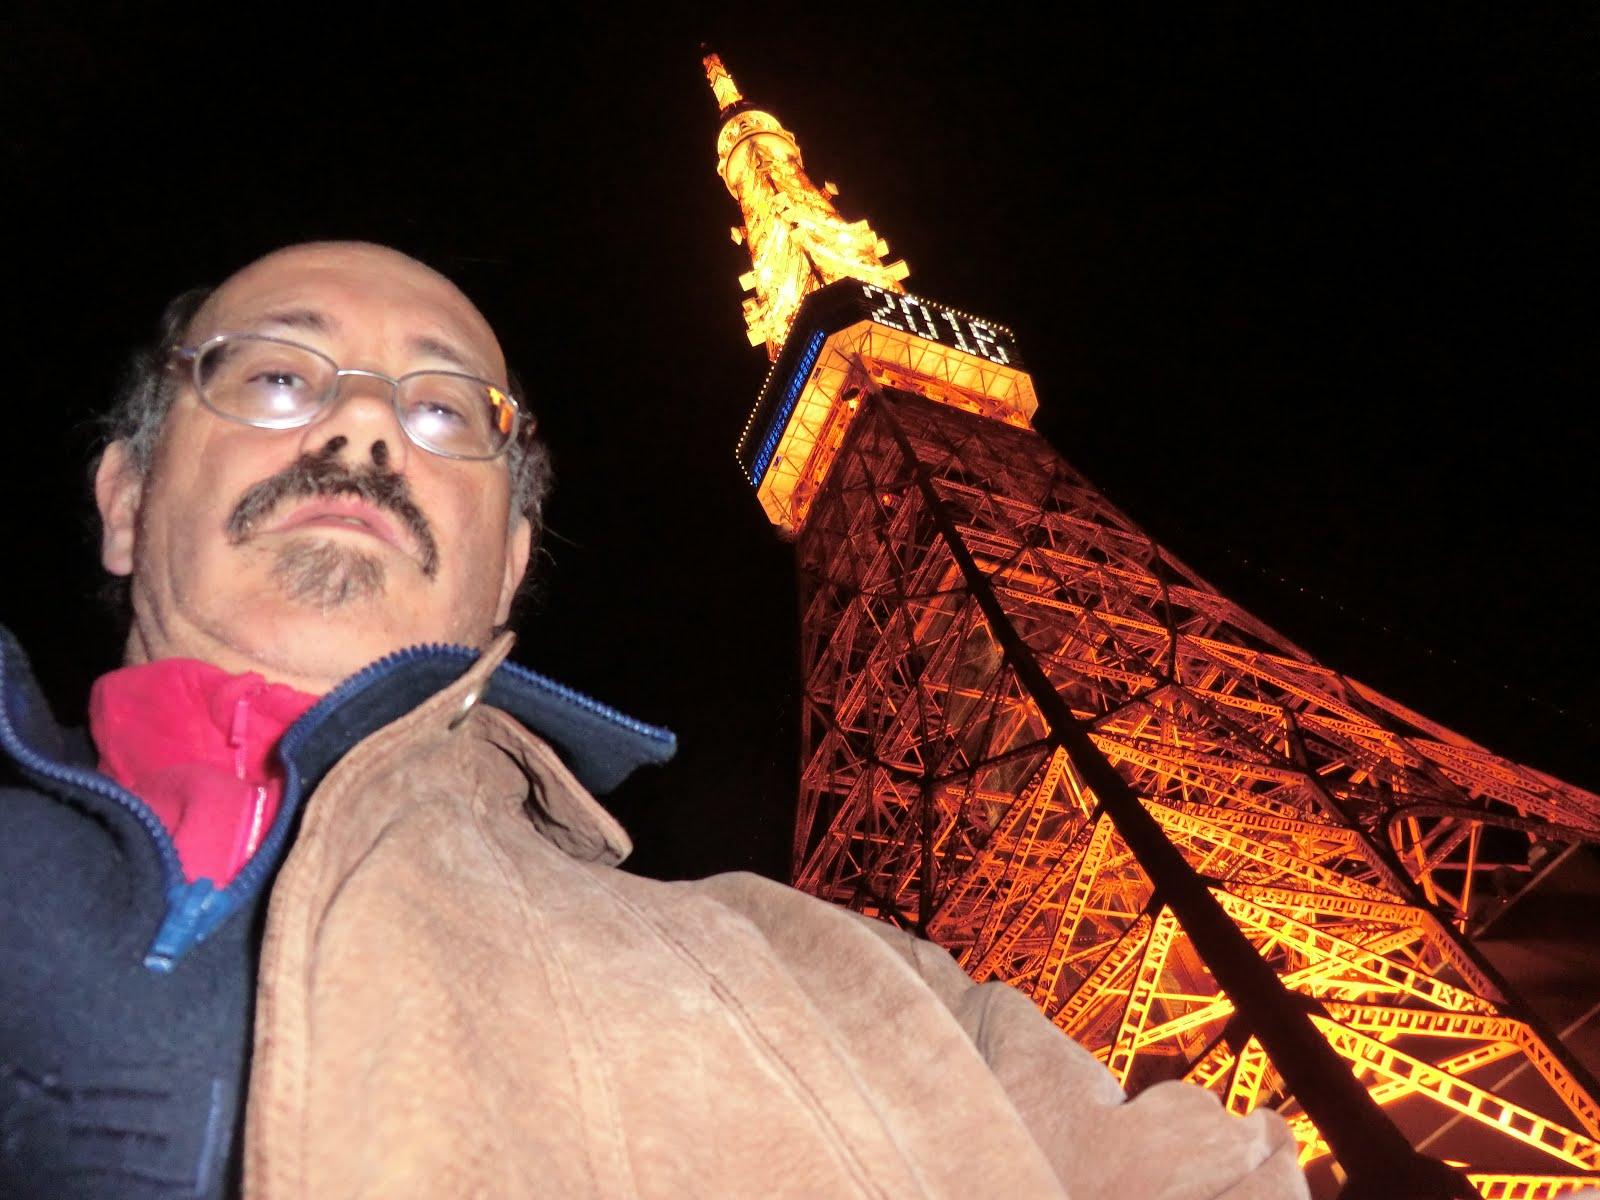 TORRE TOKYO